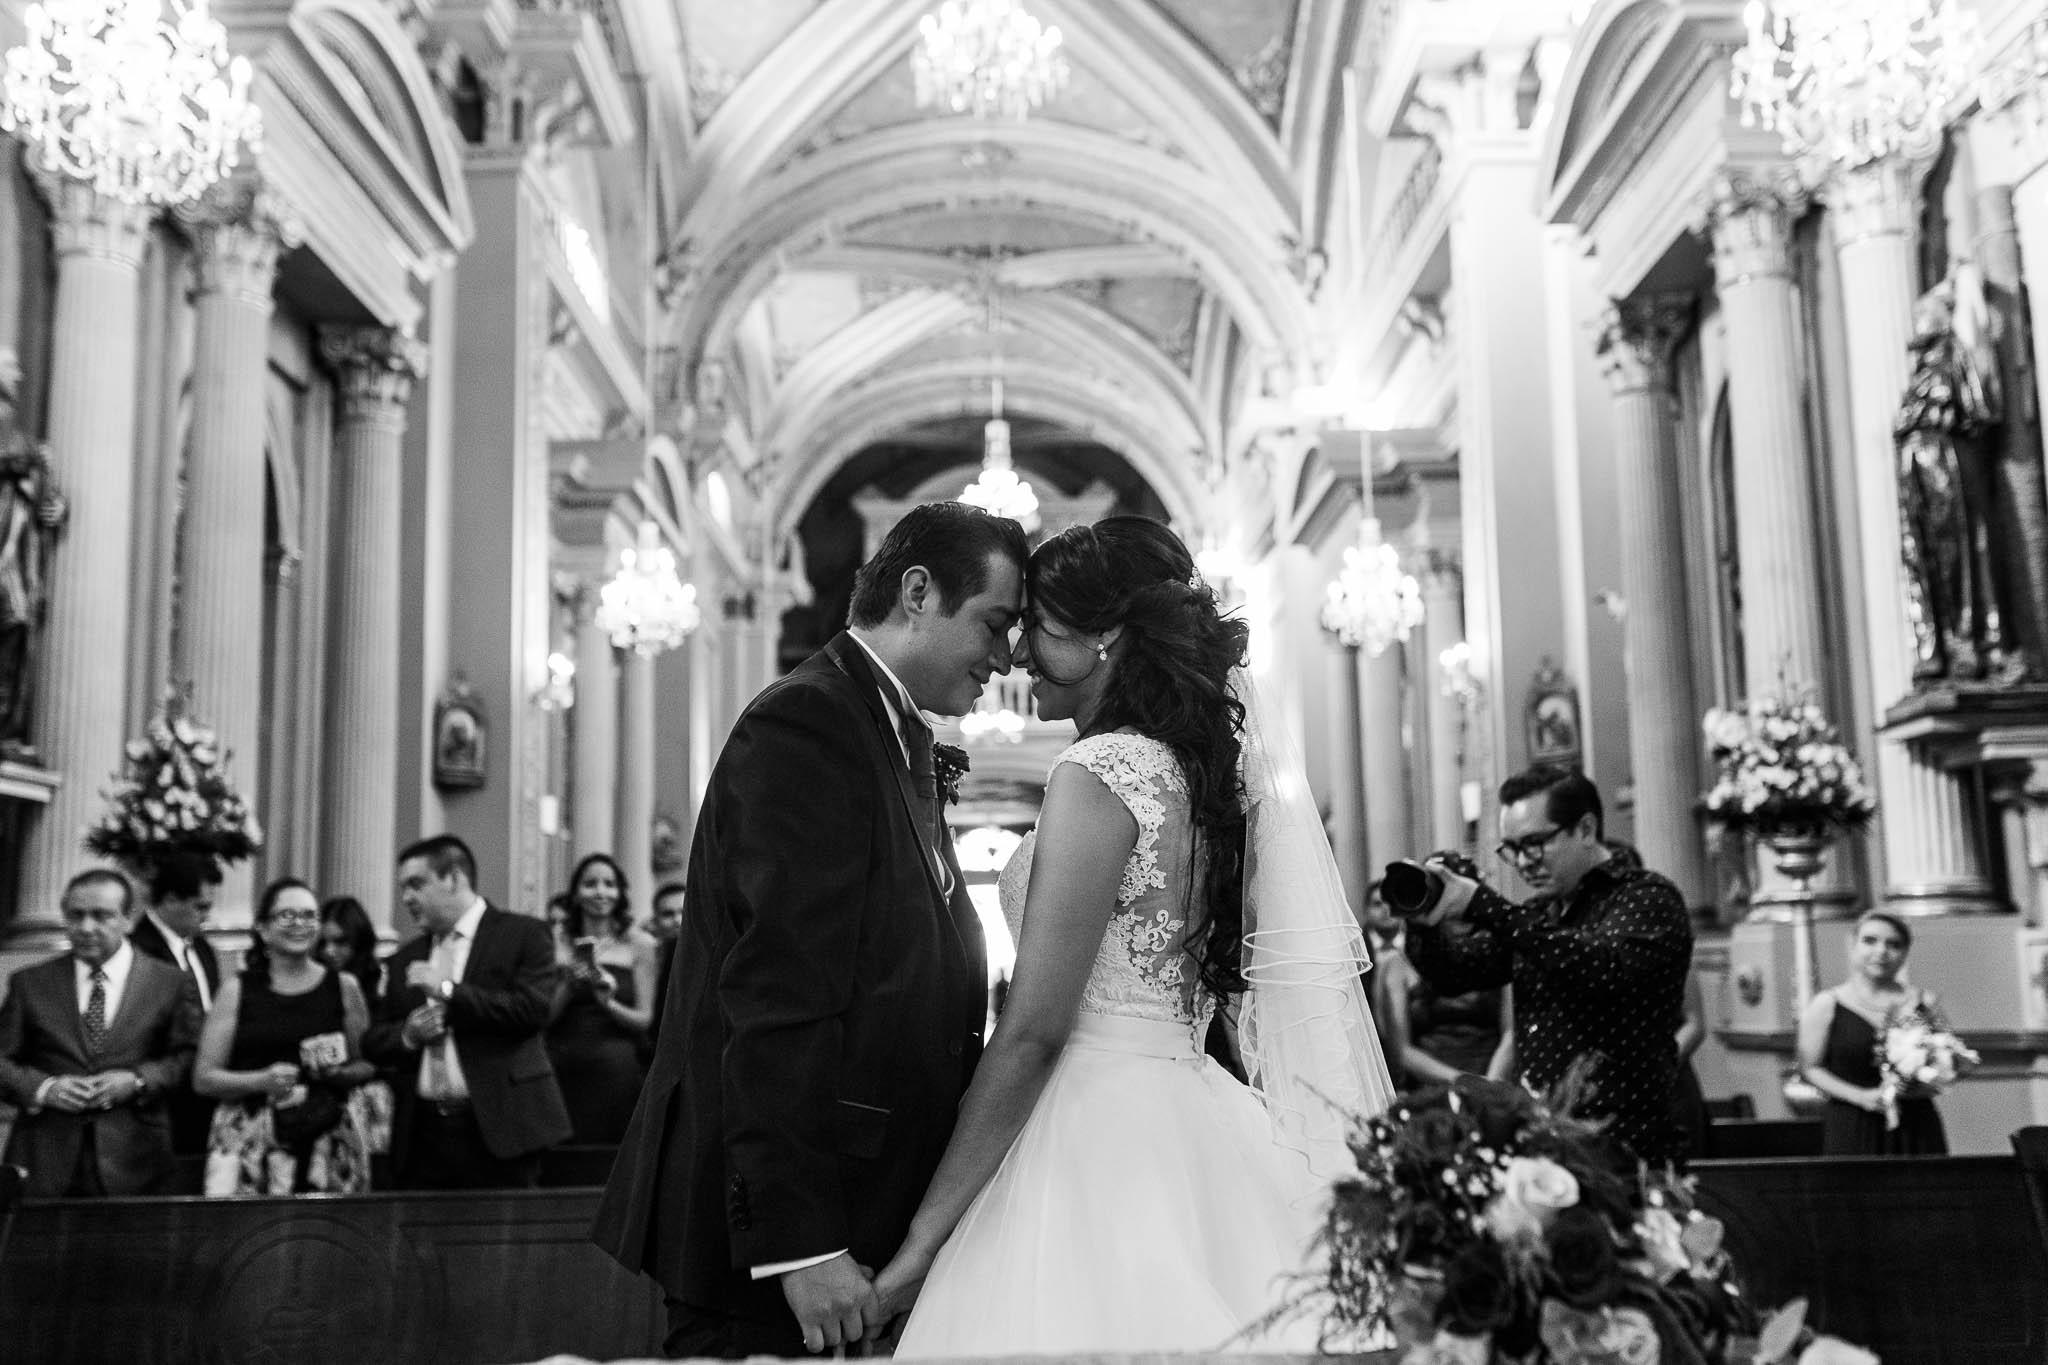 fotografo de bodas san luis potosi boda mexico wedding destination fotos de boda 109